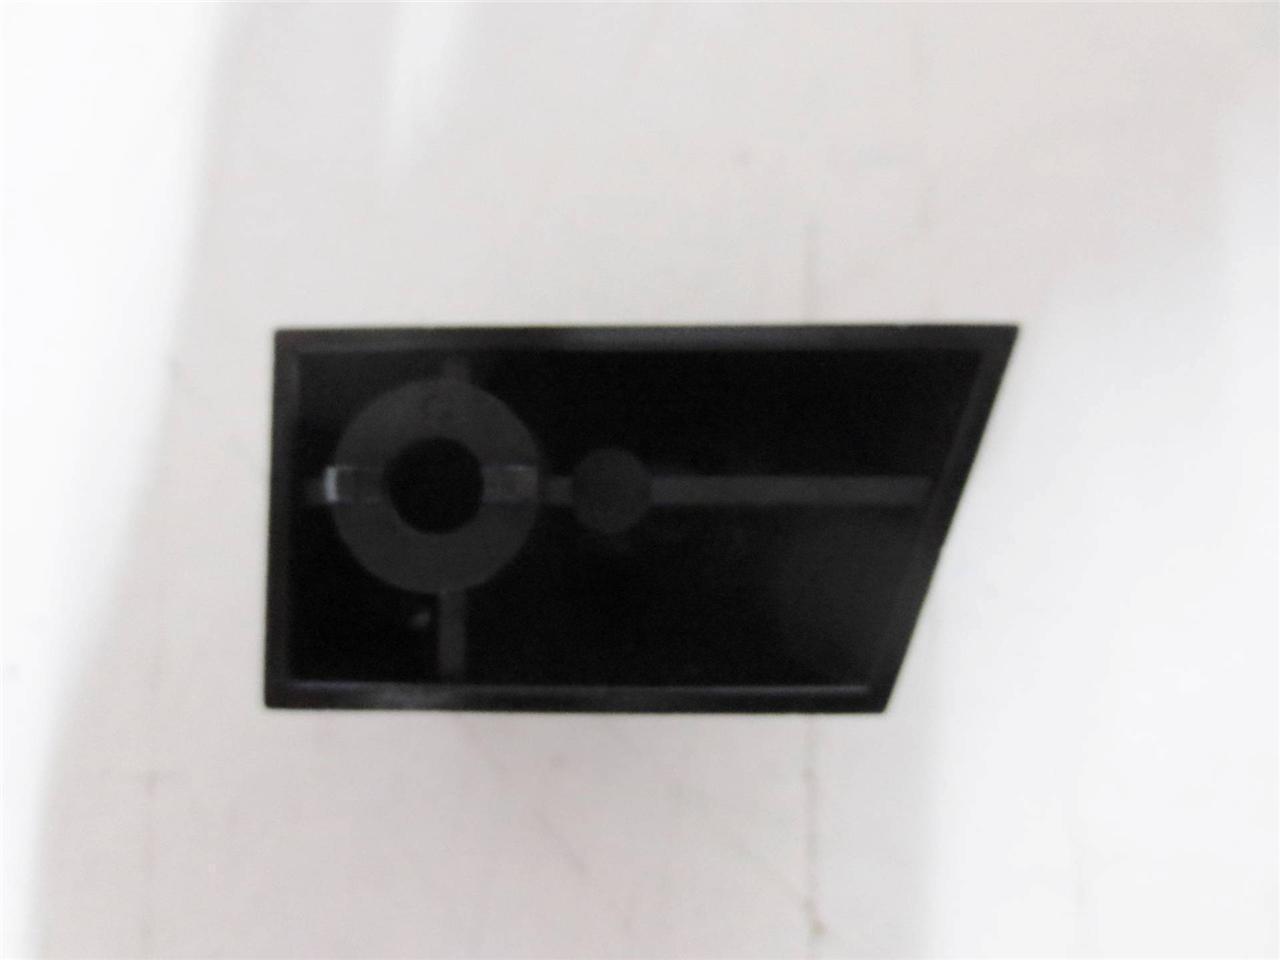 Shower Door Spacers : Blanco oven bose apx door handle spacers ask us for all